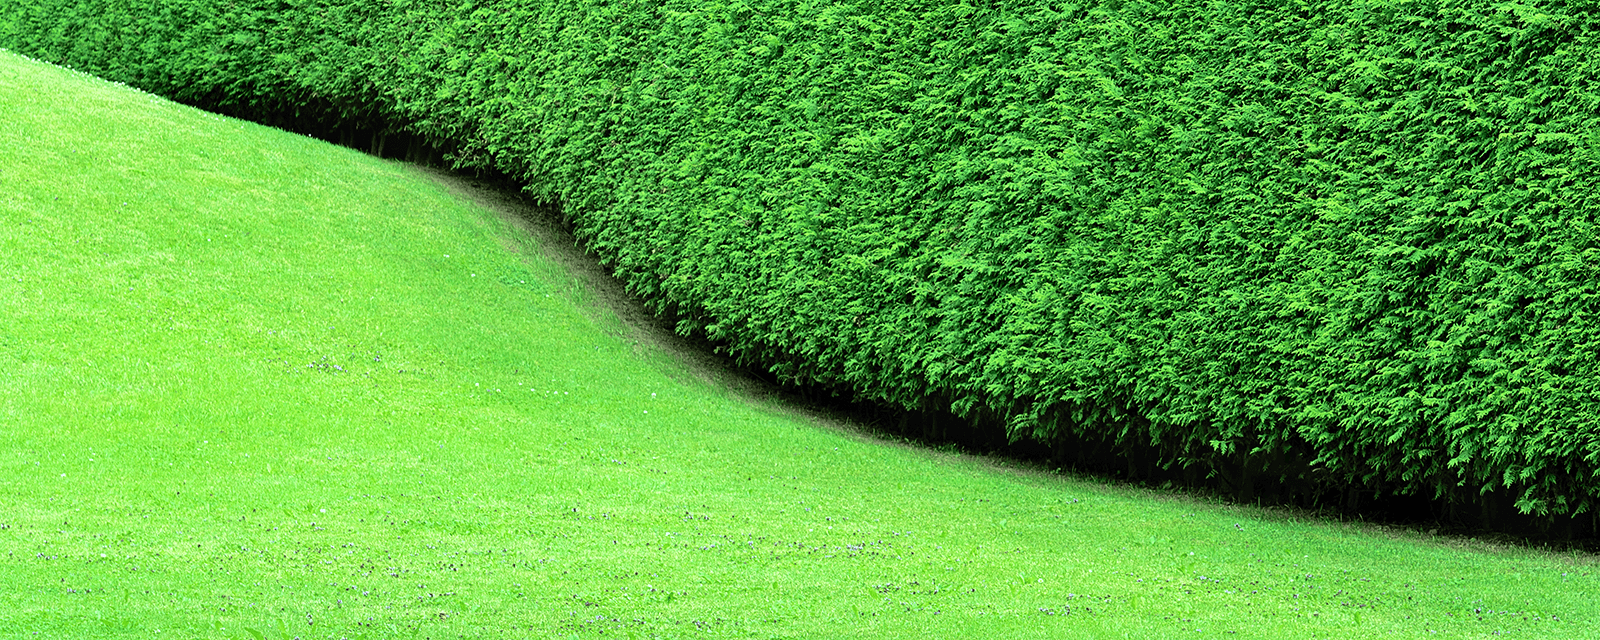 outco lawn pitch grass care